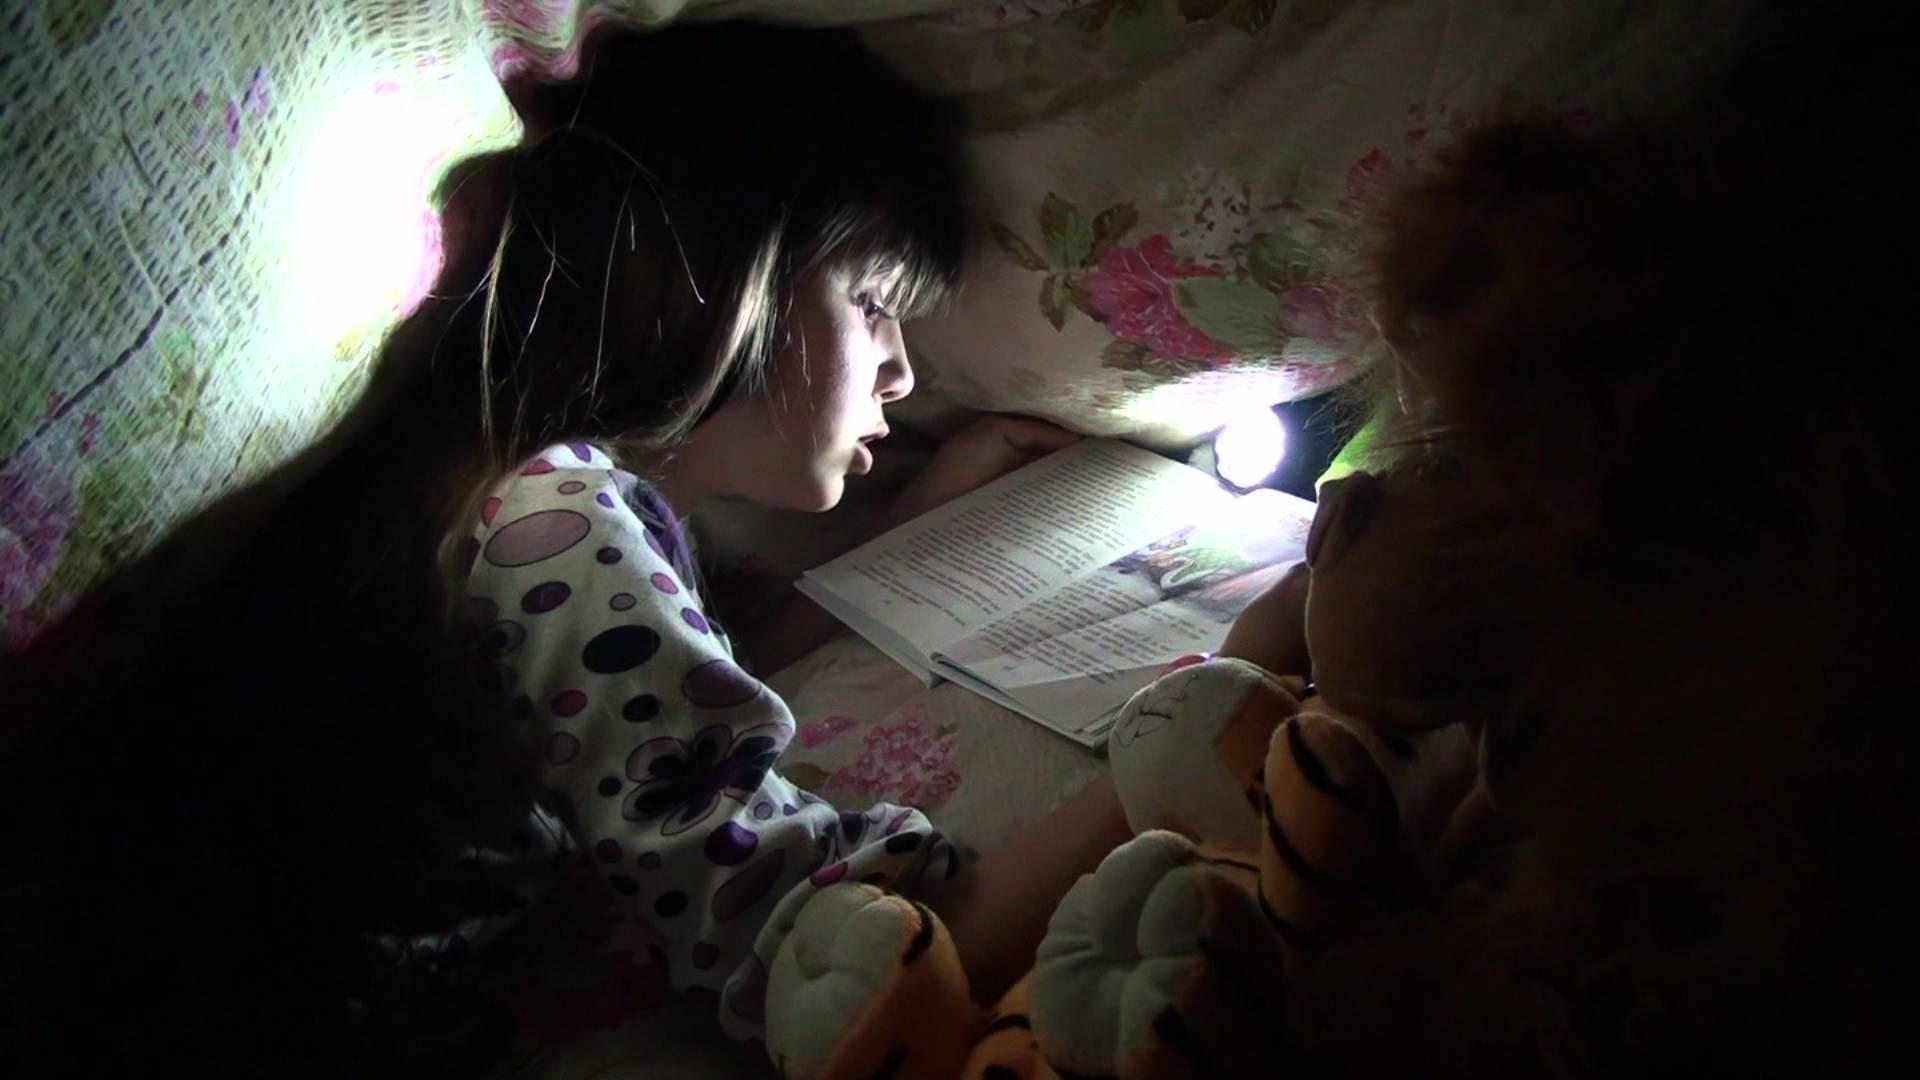 Я взял фонарик и полез к тете под одеяло 2 фотография